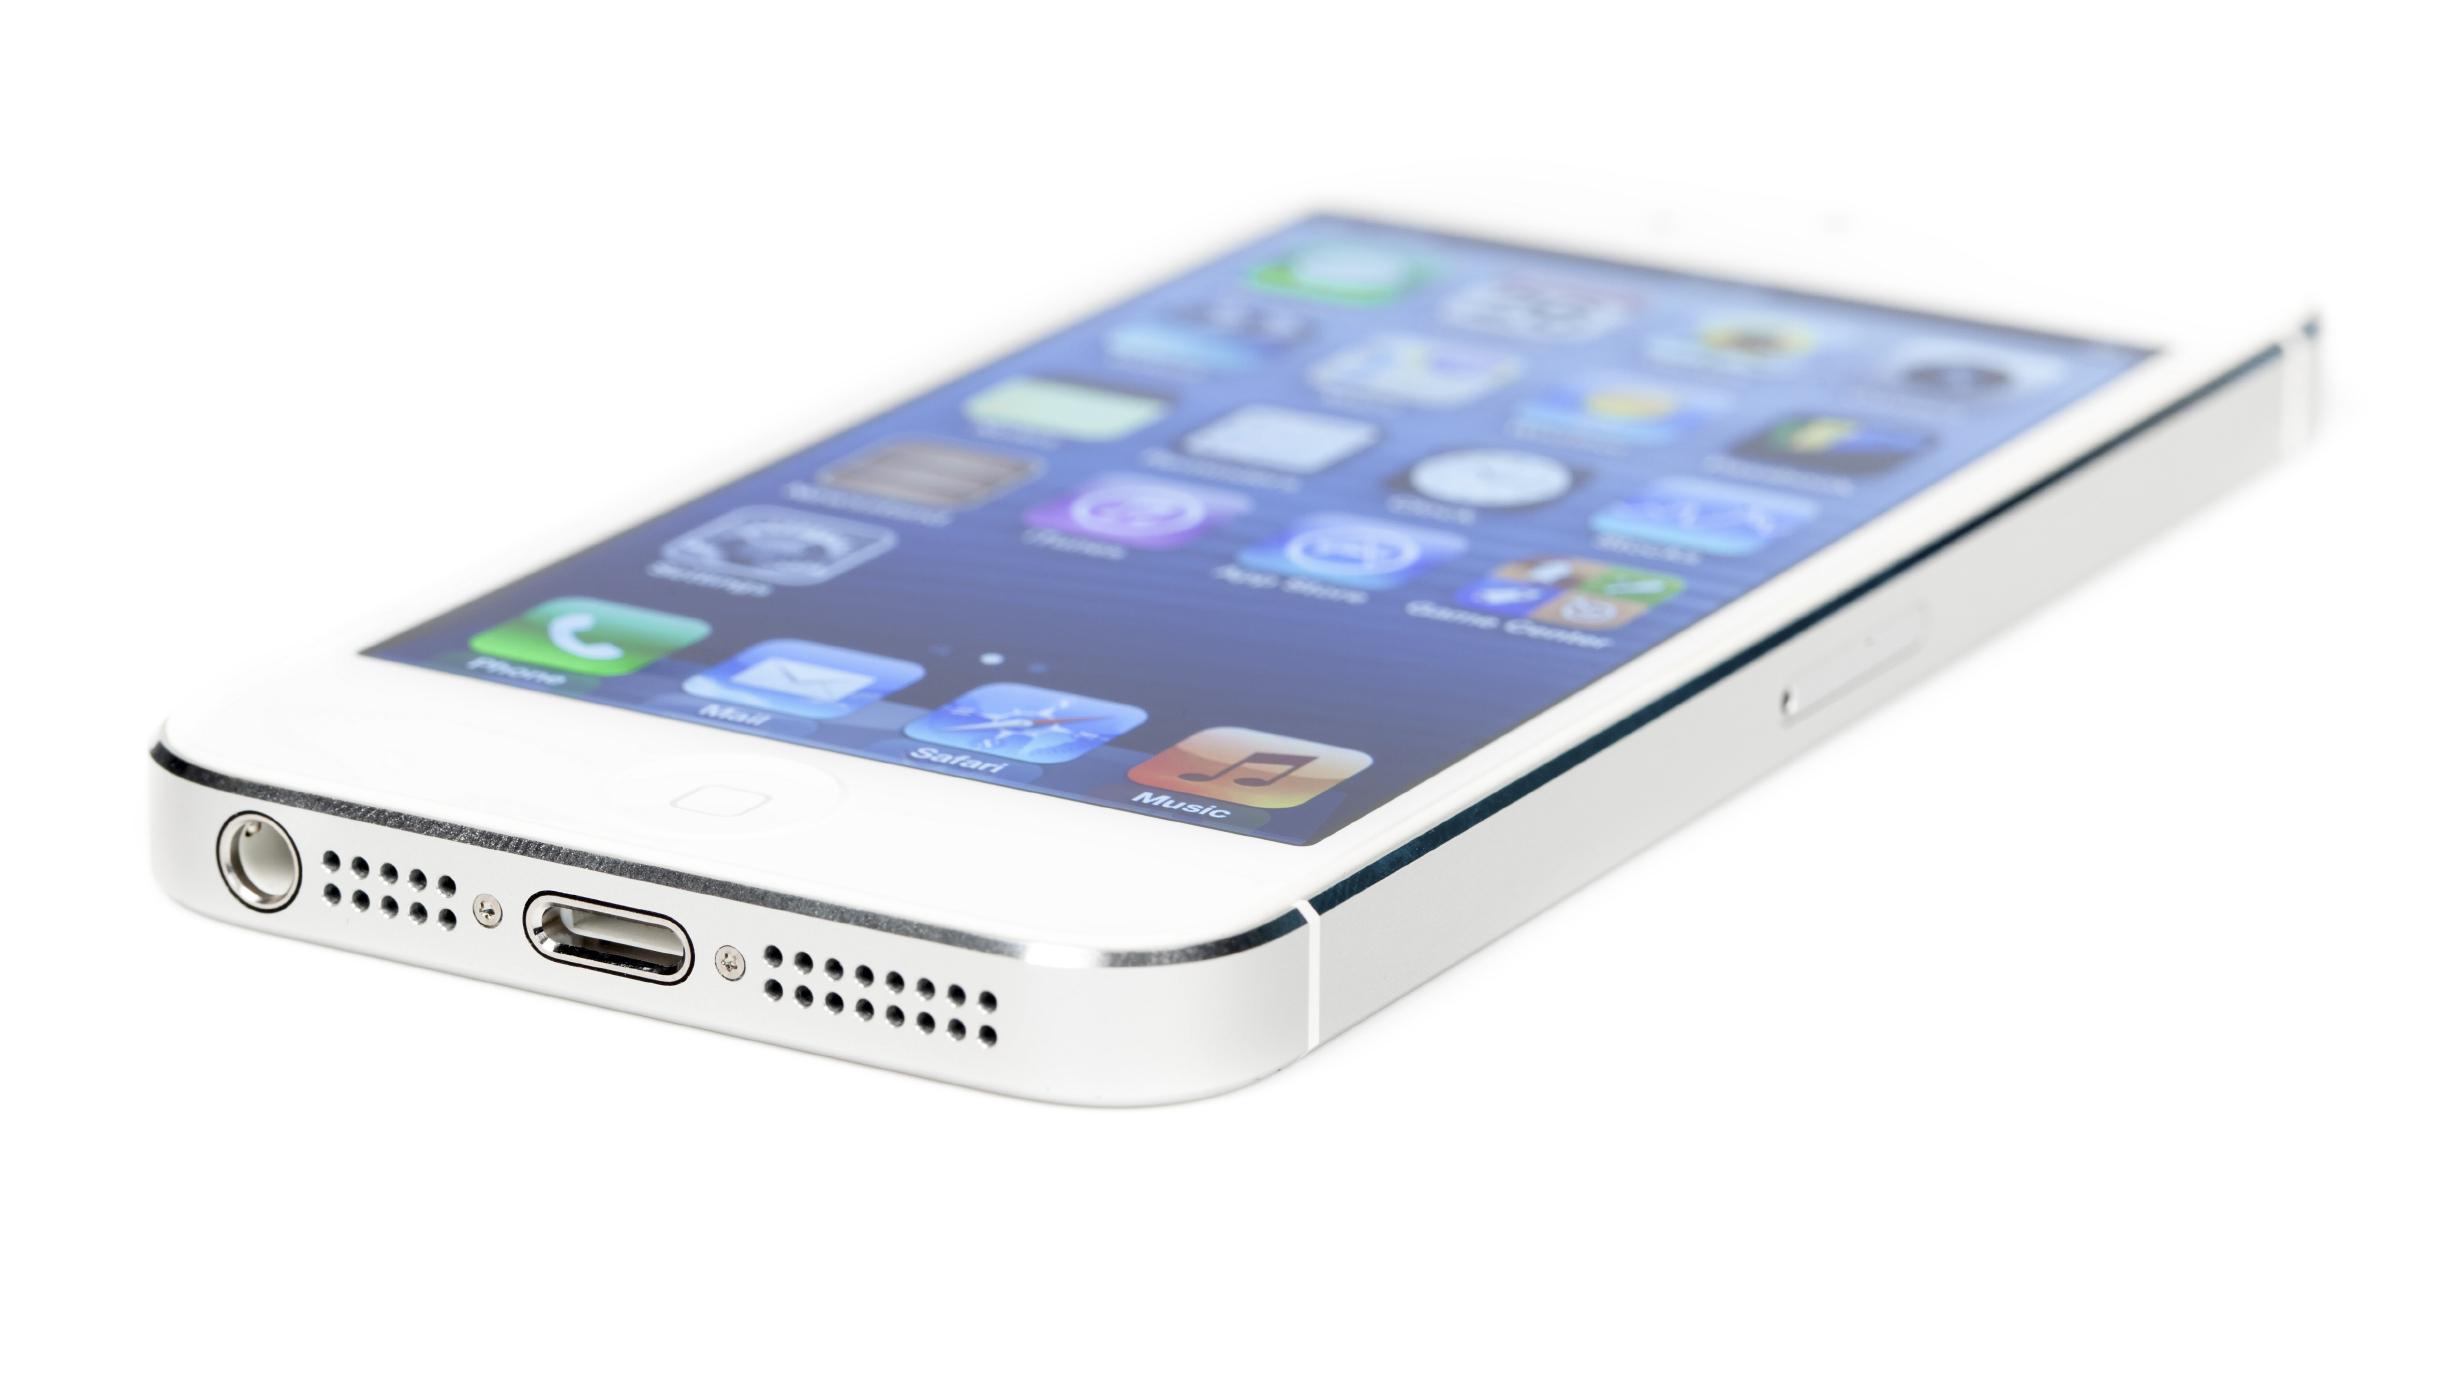 Apple Jacks The Headphone Port